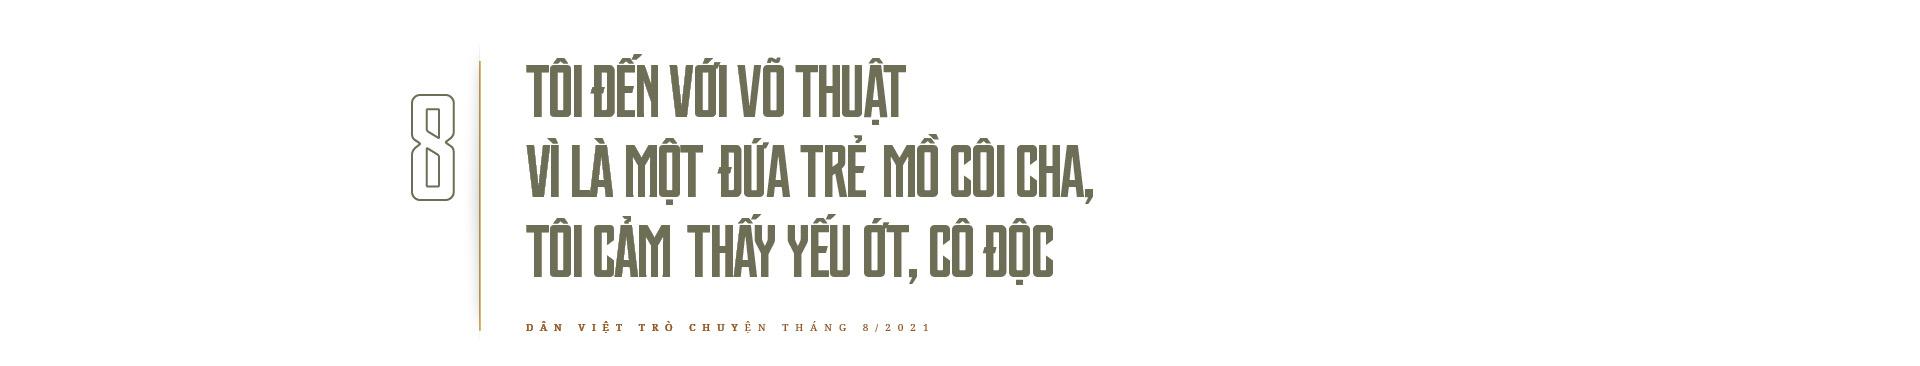 Nhà cách mạng Trần Tử Bình qua lời kể của võ sư Trần Việt Trung: Một cuộc đời như huyền thoại - Ảnh 18.